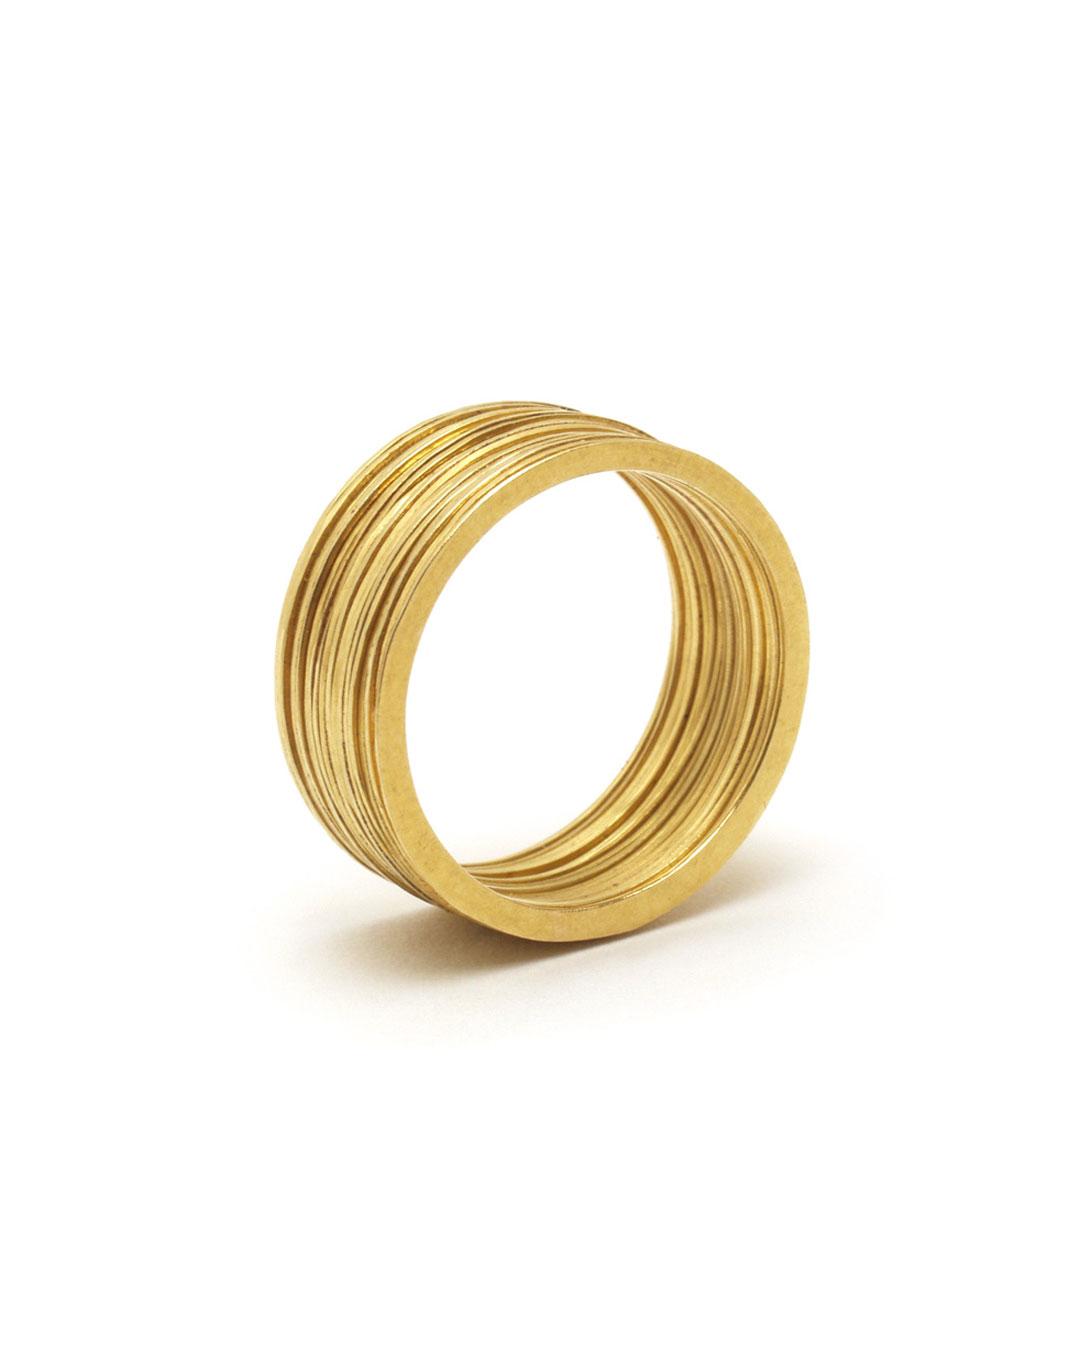 Annelies Planteijdt, untitled, 1987, ring; 18ct gold, ø 20 x 8 mm, €1900